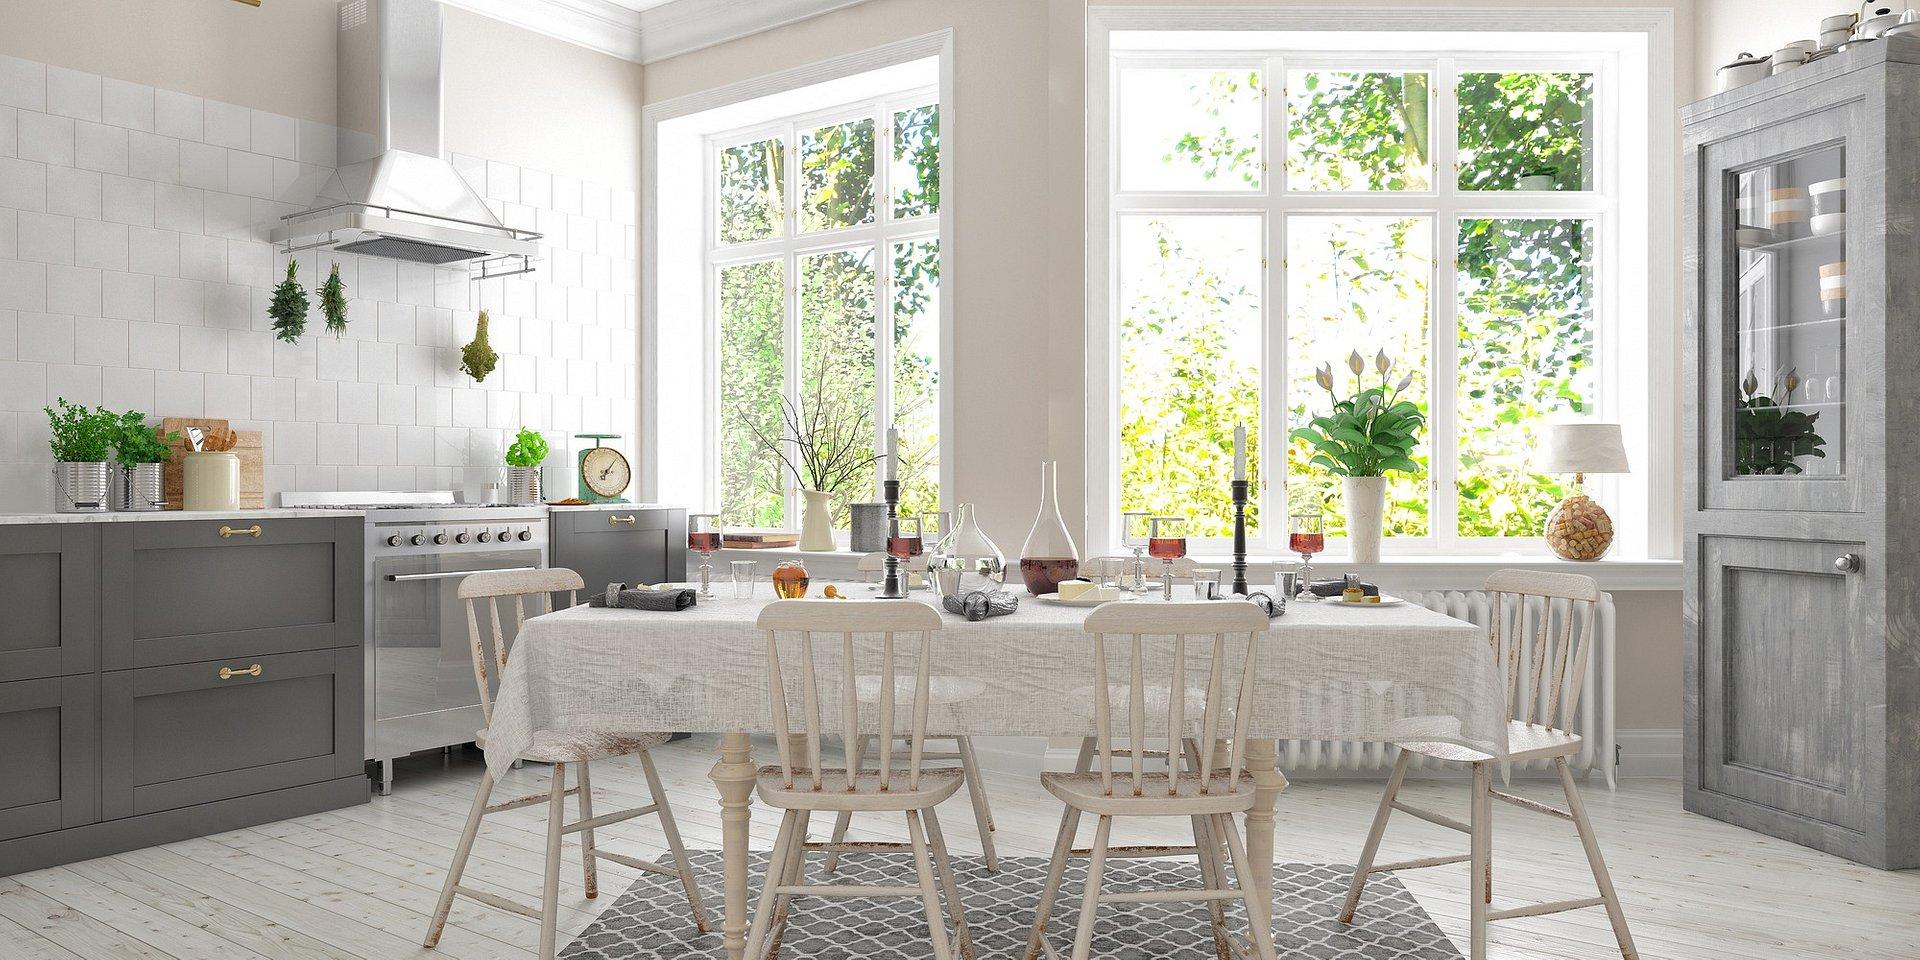 Kuchnia w stylu skandynawskim - jakie oświetlenie sprawdzi się w niej najlepiej